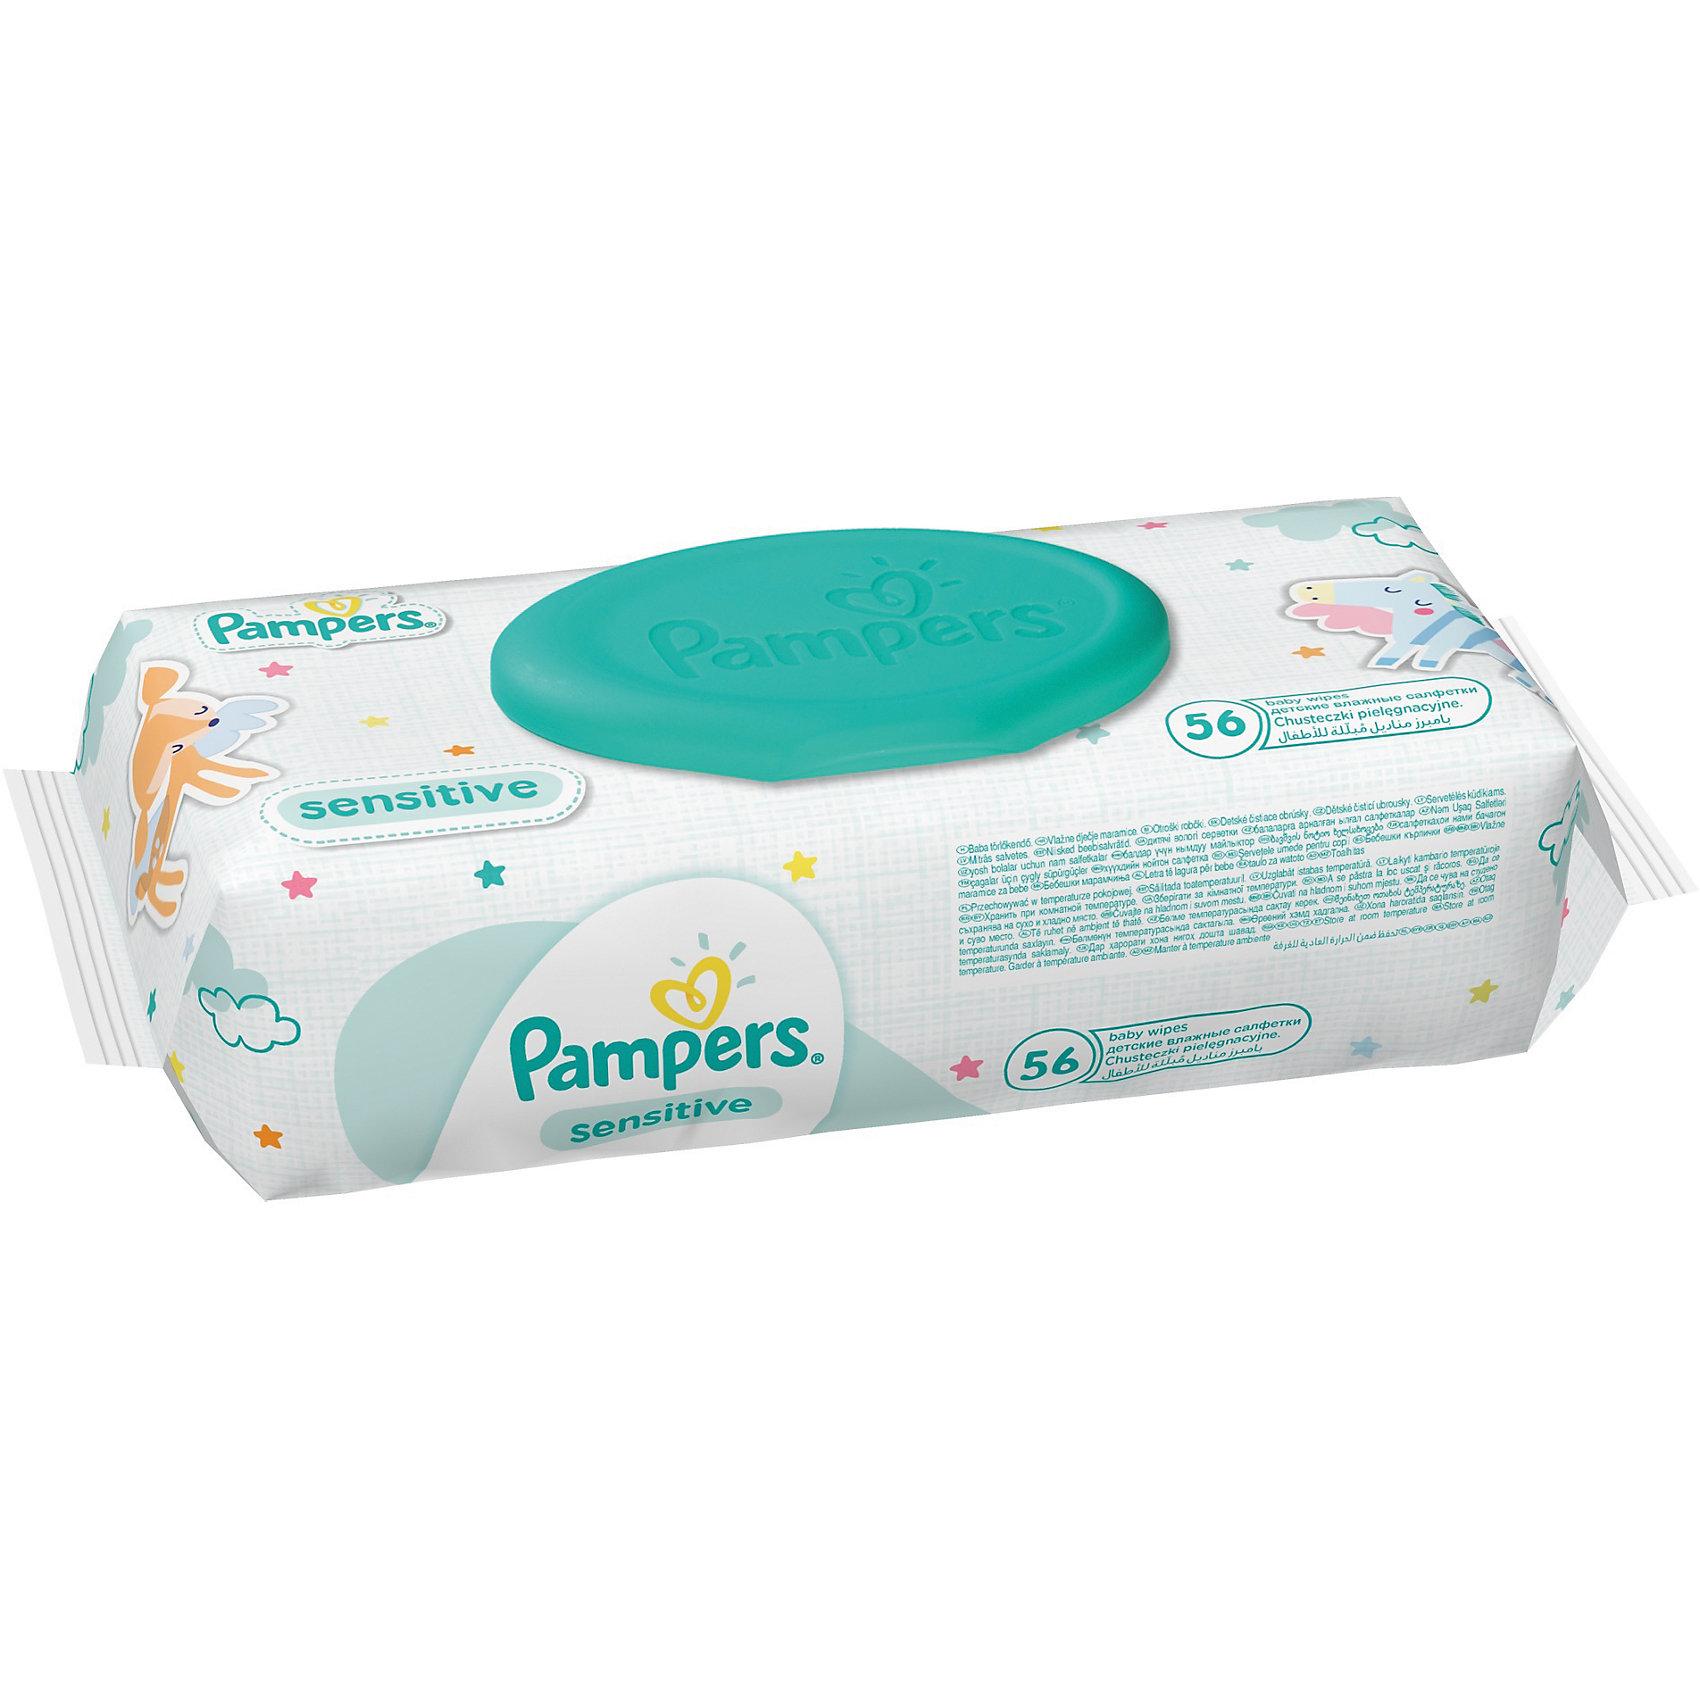 Салфетки детские влажные Pampers  Sensitive, 56 шт., PampersВлажные салфетки<br>Характеристики:<br><br>• Пол: универсальный<br>• Тип салфеток: одноразовые<br>• Вид салфеток: влажные<br>• Коллекция: Sensitive<br>• Предназначение: для гигиены<br>• Количество в упаковке: 56 шт.<br>• Материал салфеток: 100% целлюлоза<br>• Состав лосьона: 95% вода, 5% экстракт натуральных масел<br>• Упаковка: полиэтиленовая упаковка с пластиковым клапаном многоразового использования<br>• Размер упаковки: 18,2*9,1*4,9 см<br>• Вес в упаковке: 483 г<br>• Уплотненная текстура салфеток<br>• Поддерживает естественный ph уровень<br>• Мягкий верхний слой SoftGrip<br>• Не содержат отдушек и спирта<br>• Прошли дерматологические тестирования<br><br>Салфетки детские влажные Pampers Sensitive, 56 шт., Pampers – это линейка детских гигиенических салфеток от Pampers, предназначенных для ухода за нежной кожей новорожденных и младенцев. Салфетки выполнены из 100% целлюлозы, имеют мягкий верхний слой SoftGrip, который не раздражает кожу ребенка во время процедур, при этом хорошо удерживает влагу. <br><br>Изделия пропитаны лосьоном, состоящим из 95% воды и 5% экстракта натуральных масел, что делает эти салфетки гипоаллергенными. Благодаря своему составу салфетки можно использовать для чувствительной кожи. Салфетки упакованы в полиэтиленовую упаковку и пластиковым защитным клапаном, что обеспечивает длительное сохранение их очищающих свойств и защищает от высыхания.<br><br>Салфетки детские влажные Pampers Sensitive, 56 шт., Pampers можно купить в нашем интернет-магазине.<br><br>Ширина мм: 185<br>Глубина мм: 91<br>Высота мм: 49<br>Вес г: 483<br>Возраст от месяцев: 0<br>Возраст до месяцев: 36<br>Пол: Унисекс<br>Возраст: Детский<br>SKU: 5419092